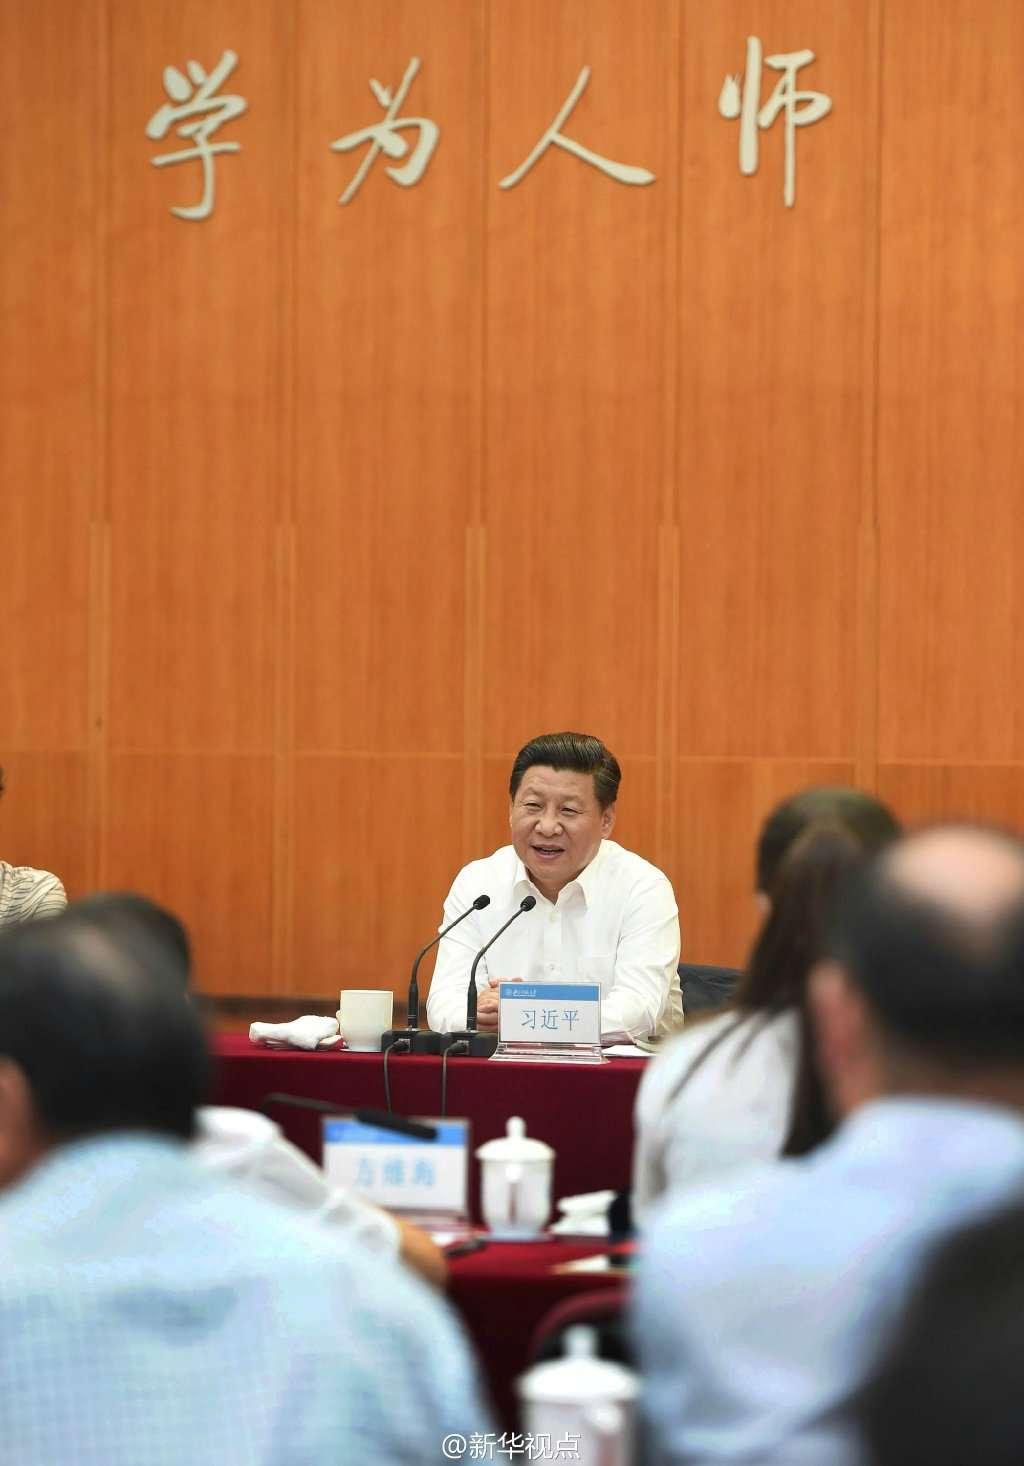 2014年9月9日,习近平总书记来到北京师范大学看望教师学生,向全国广大教师和教育工作者致以崇高的节日敬礼和祝贺。这是习近平同学校师生代表进行座谈。(新华社)